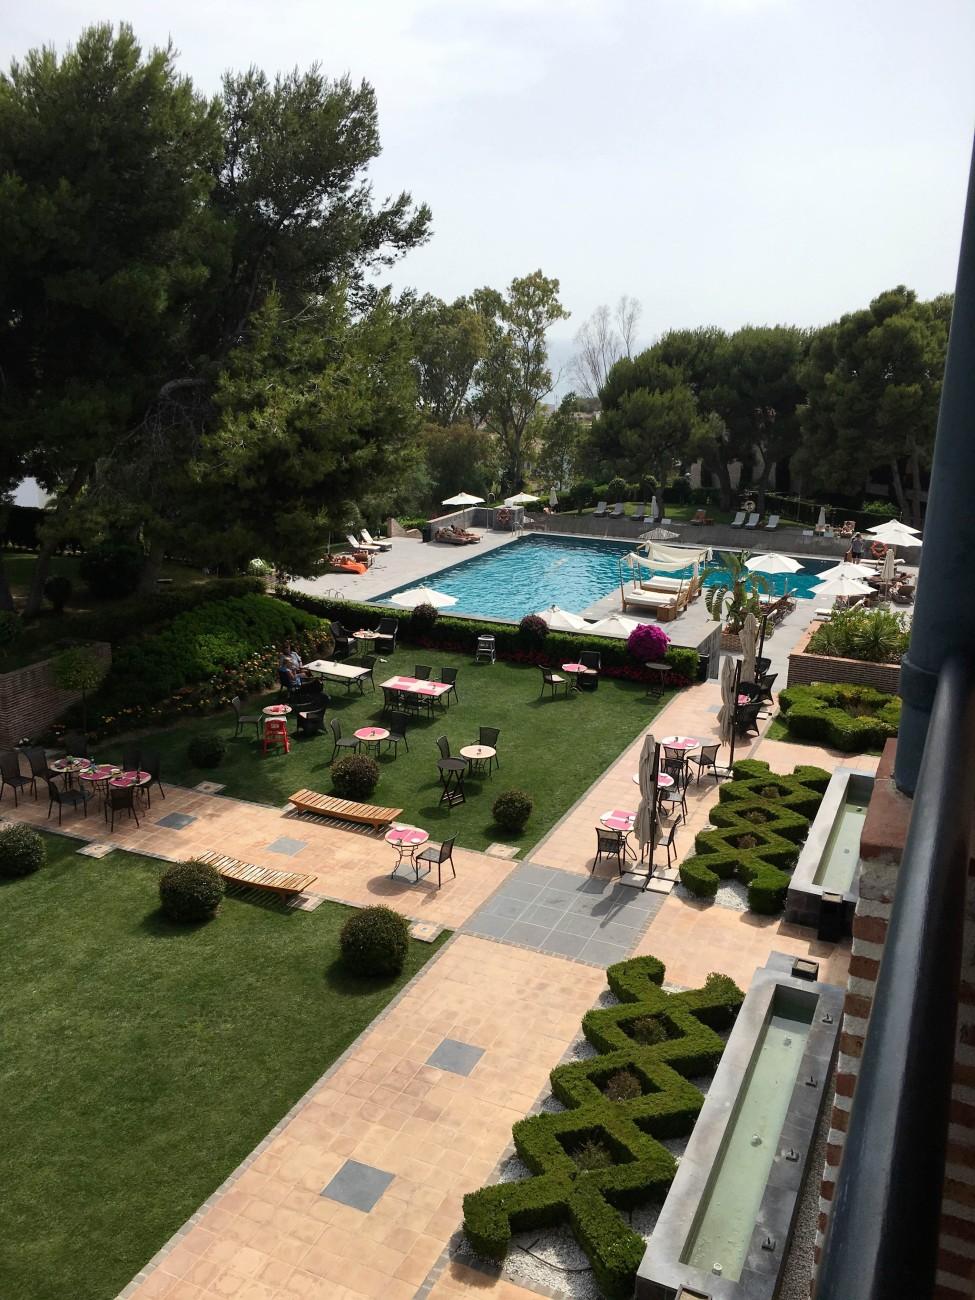 Hotel vincci selecci n estrella del mar marbella ellenf - Hotel estrella del mar marbella ...